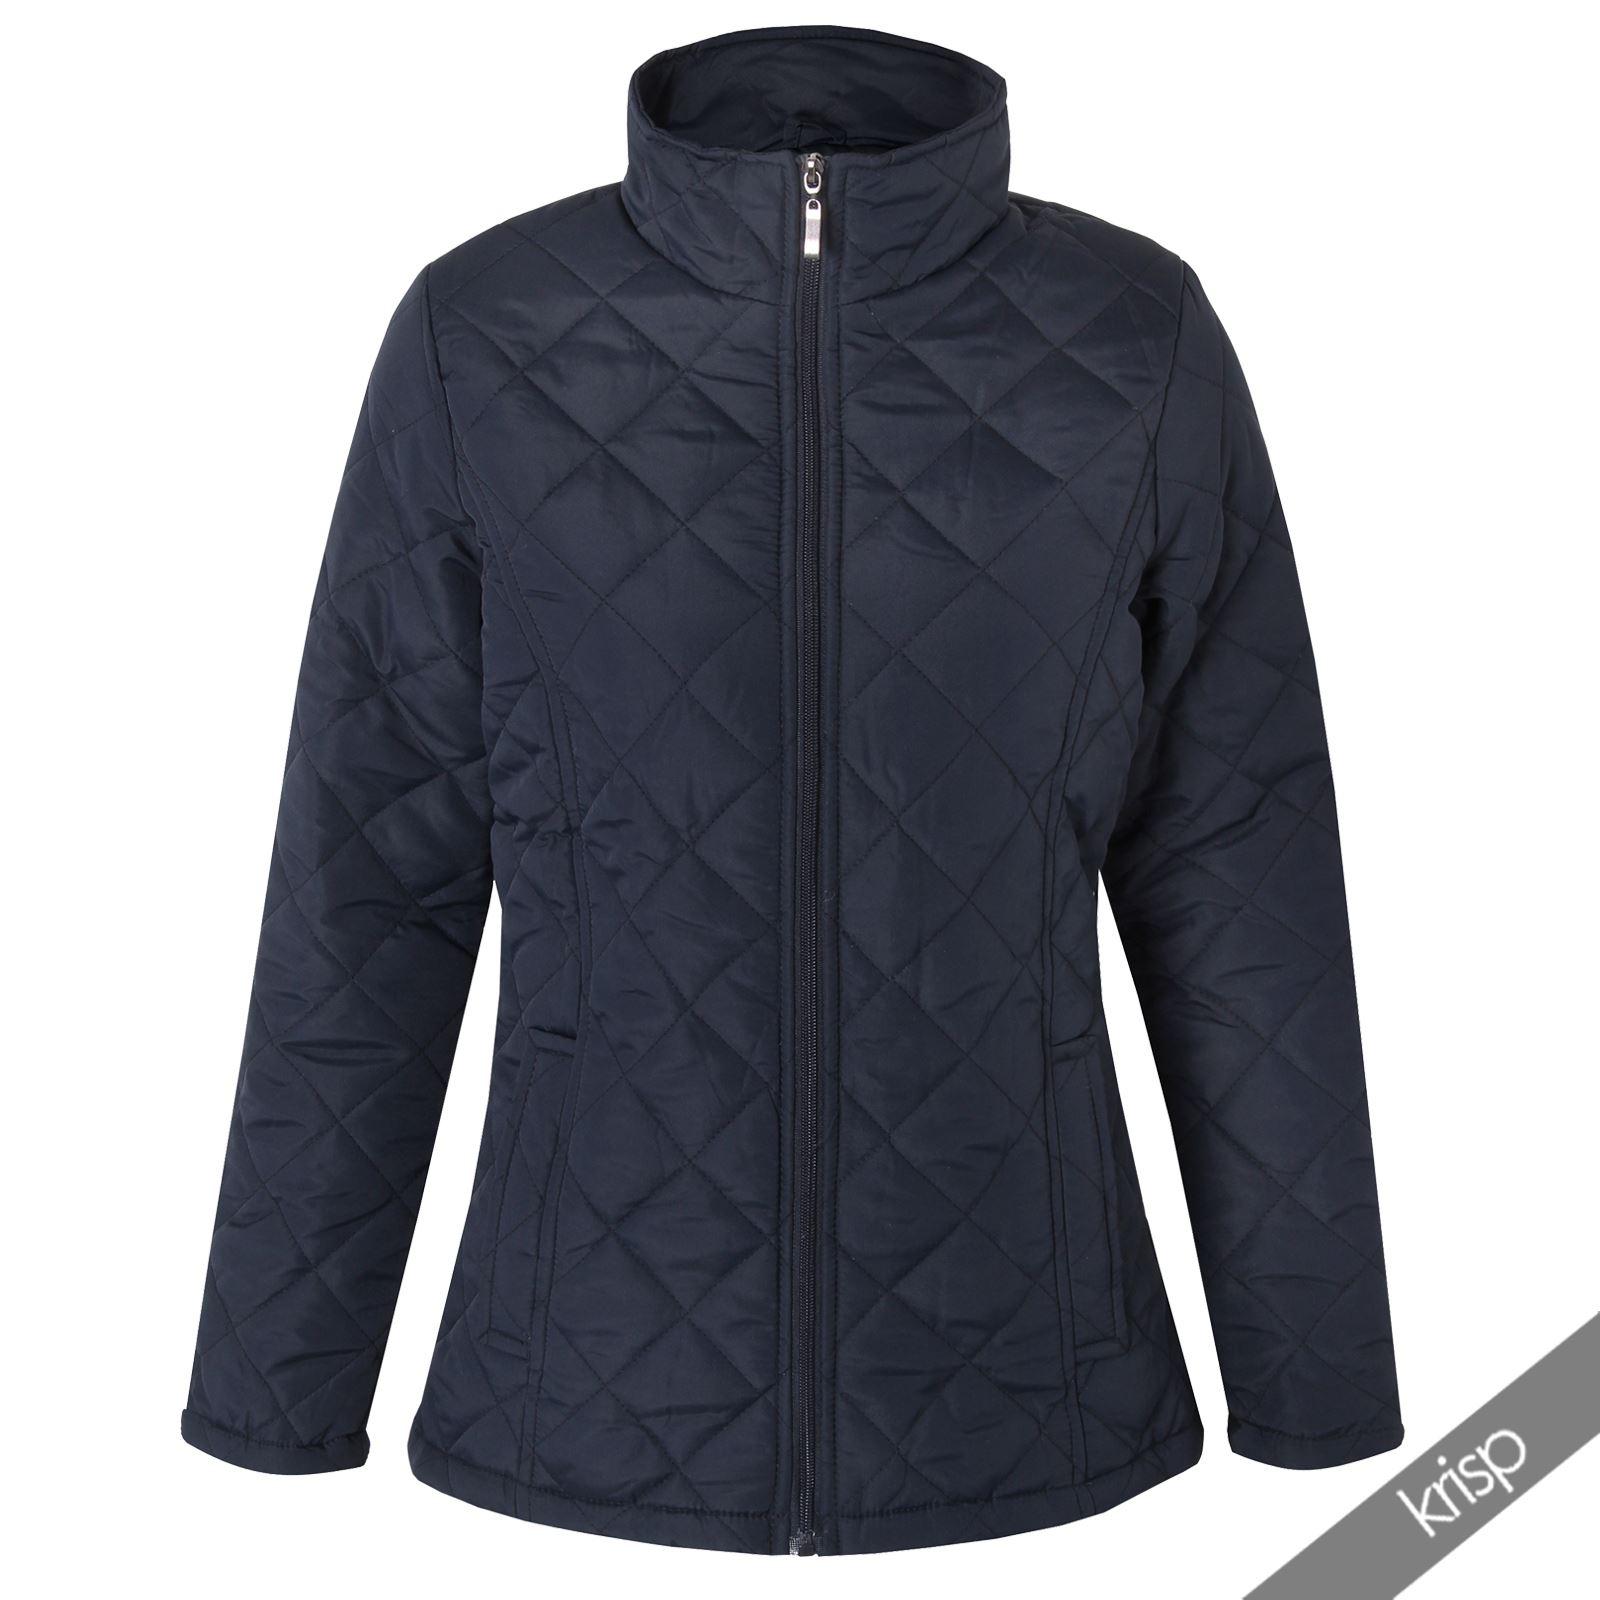 krisp damen leichte jacke steppjacke daunenjacke bergangsjacke sportlich mantel ebay. Black Bedroom Furniture Sets. Home Design Ideas